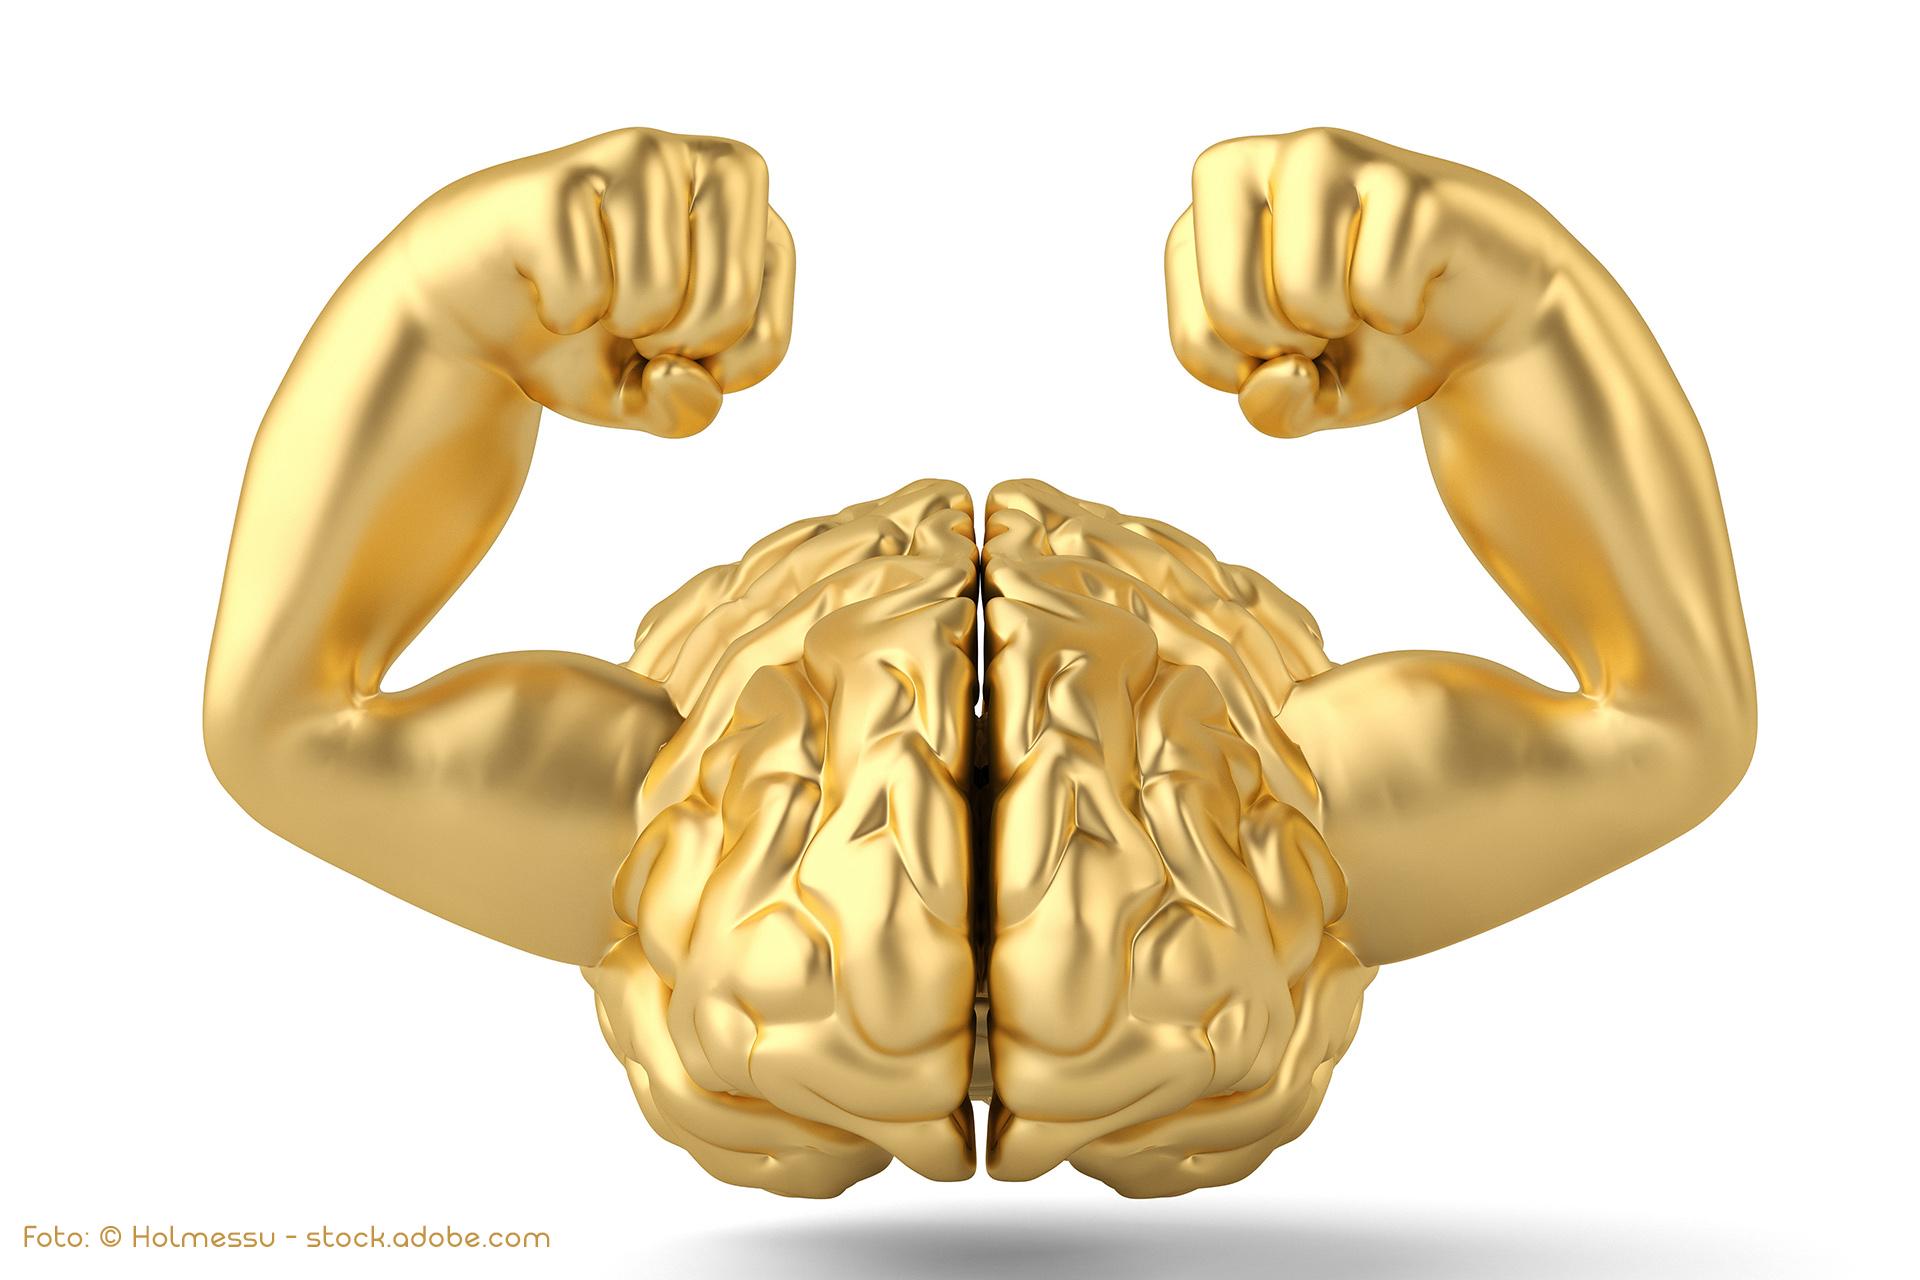 6 wichtige Tipps für geistige Fitness